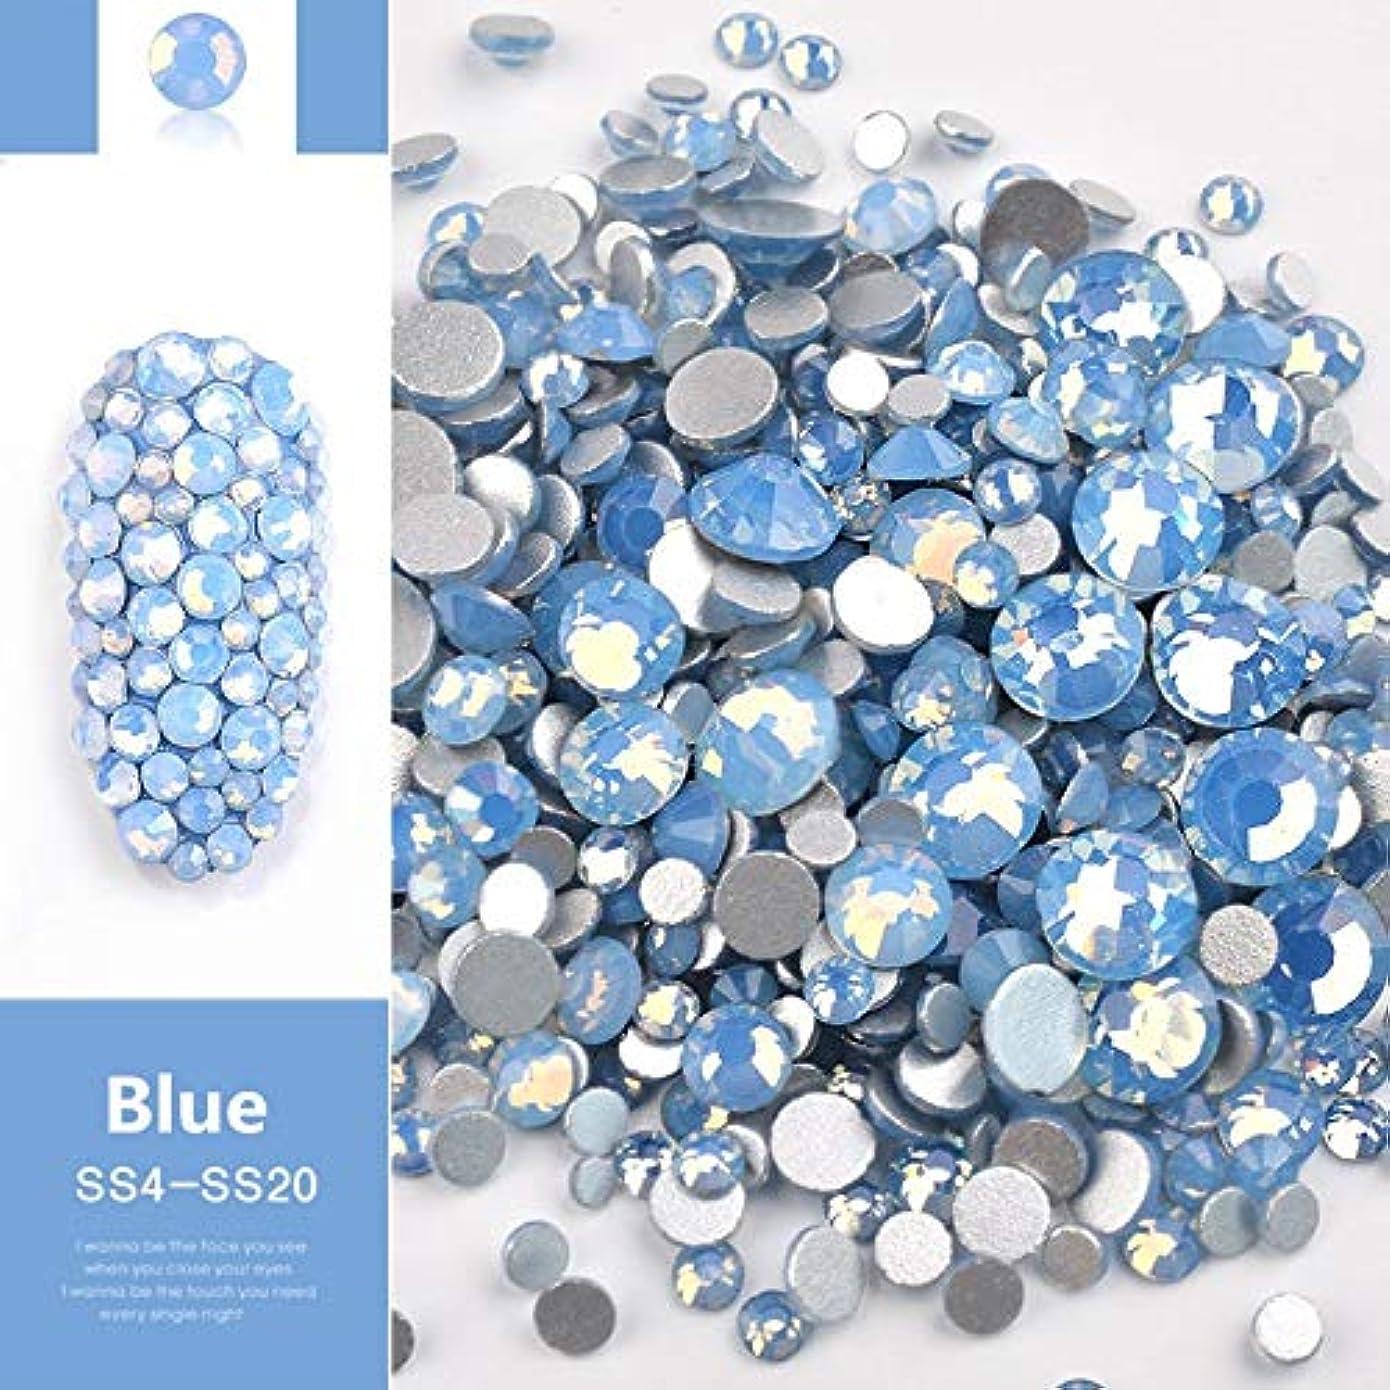 抽象とオプショナルOWNFSKNL ビーズ樹脂クリスタルラウンドネイルアートミックスフラットバックアクリルラインストーンミックスサイズ1.5-4.5 mm装飾用ネイル (Color : Blue)